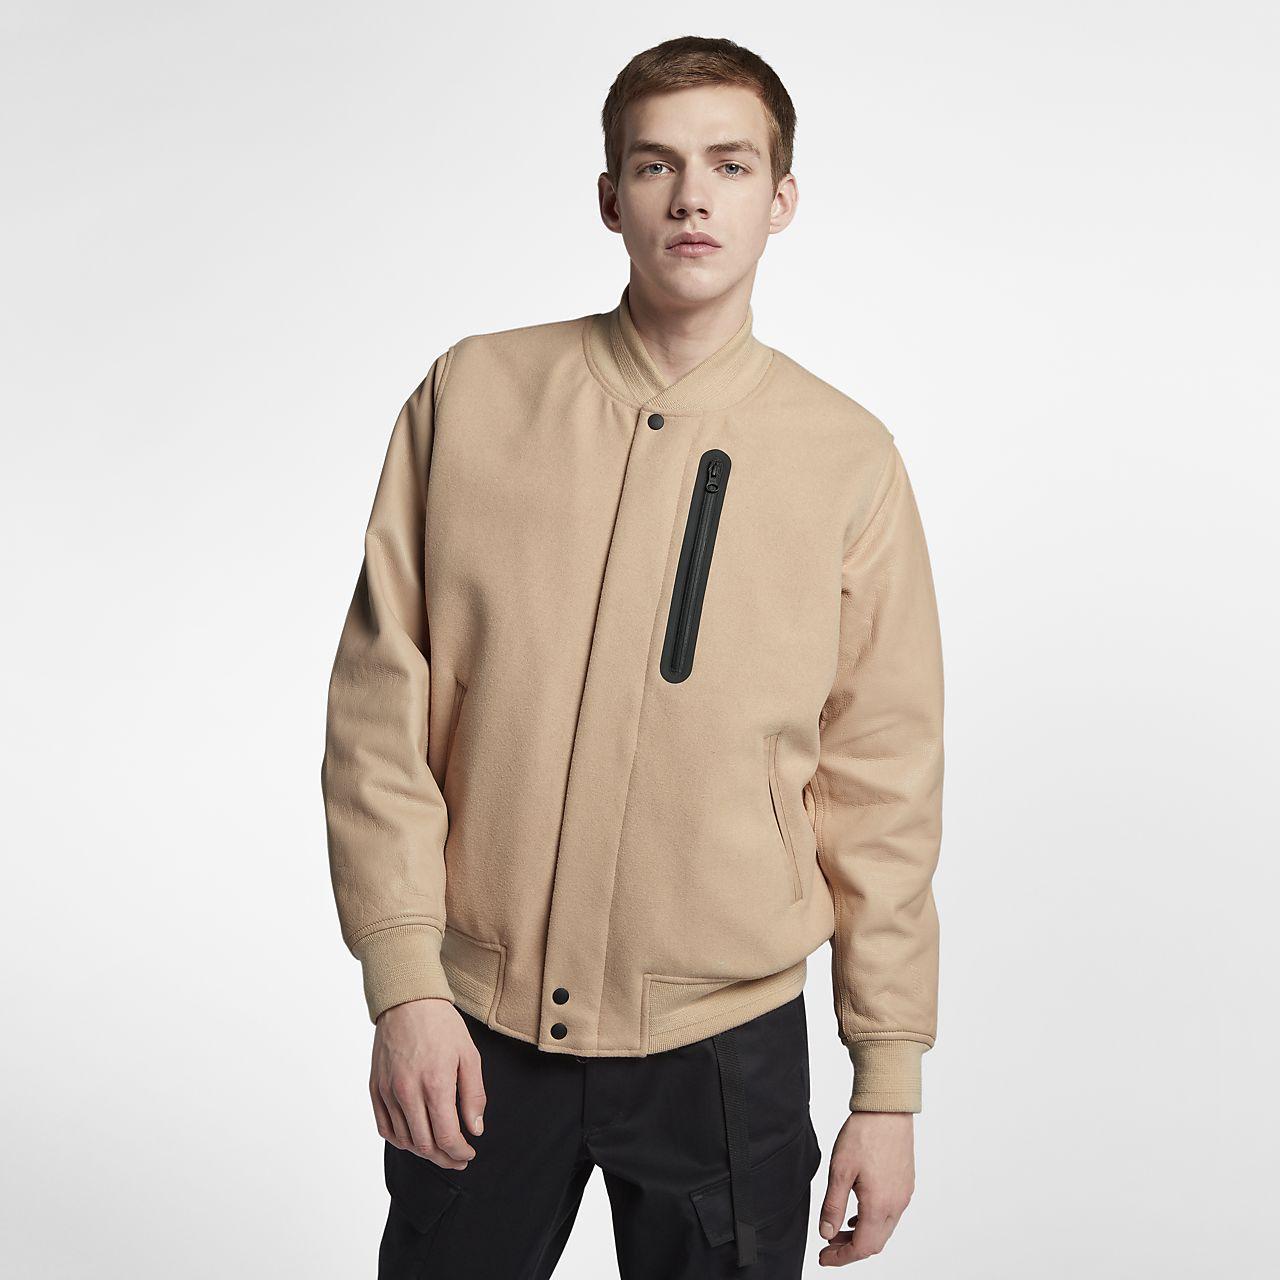 8b71788092c NikeLab Essentials Destroyer Men s Jacket